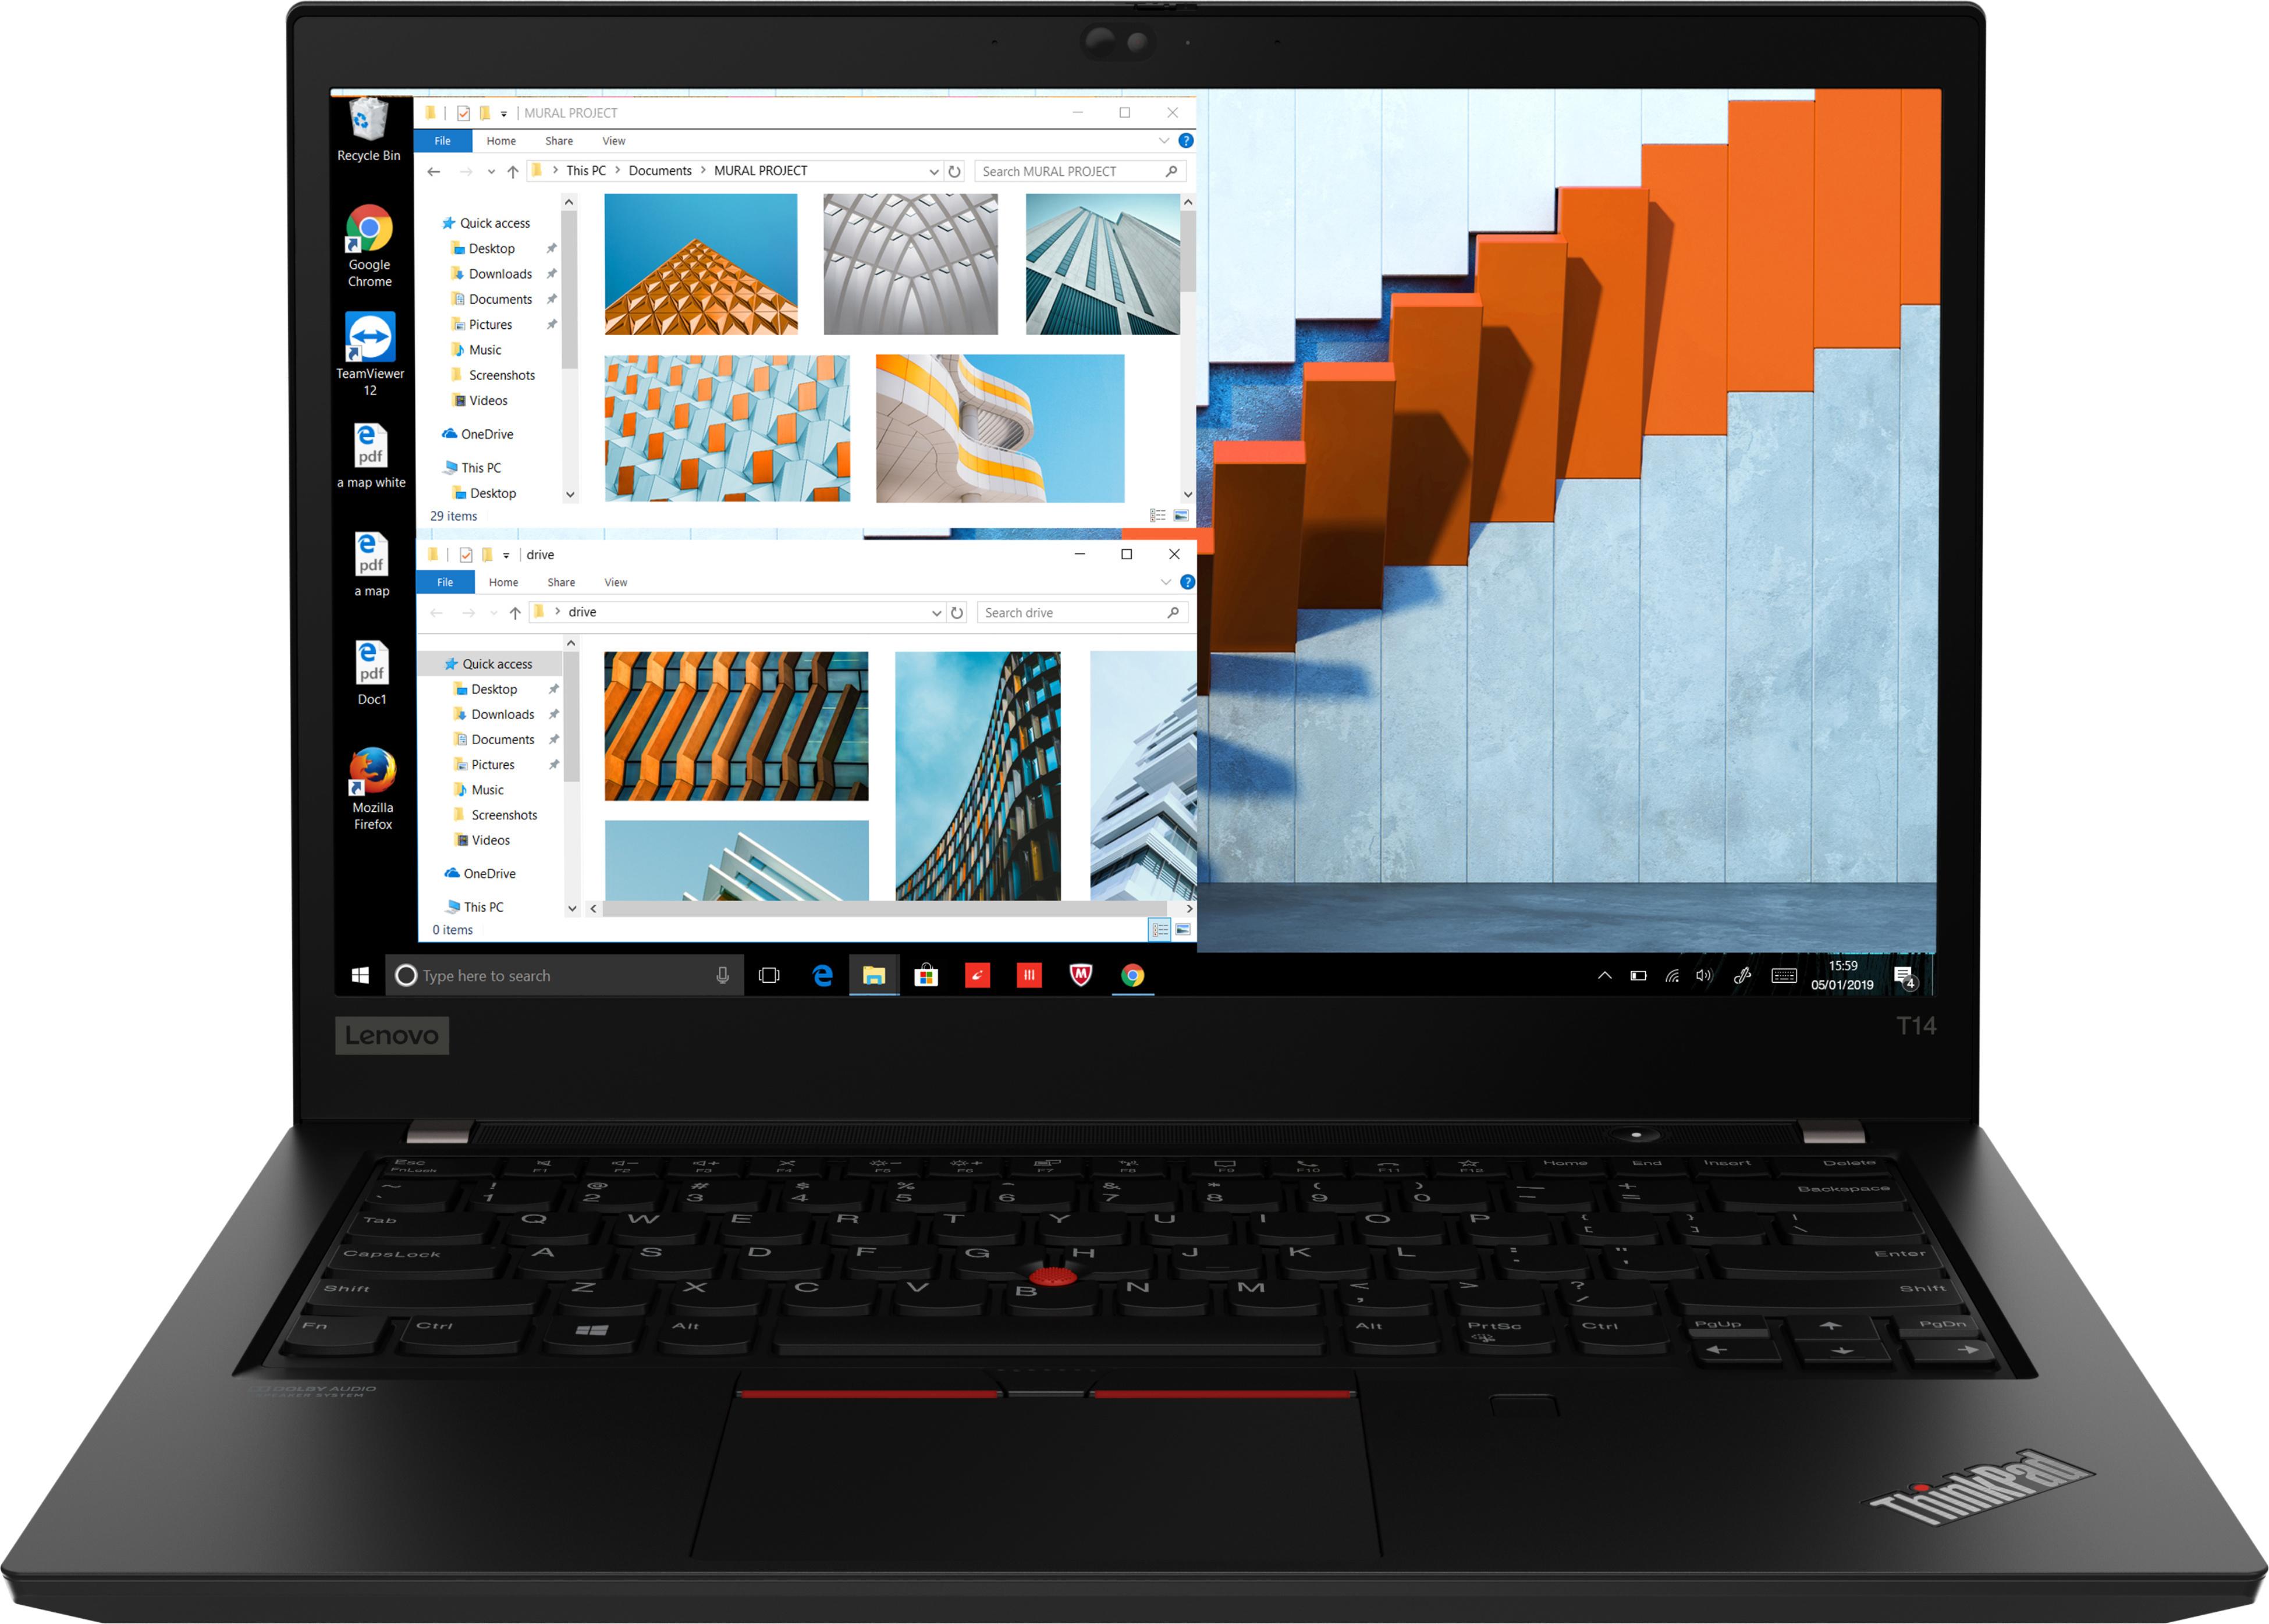 """Lenovo ThinkPad T14 Gen 1 -kannettava, Windows 10 Pro – 14"""" laajakuvanäytöllä – Kannettavat – Tietokoneet – Verkkokauppa.com"""